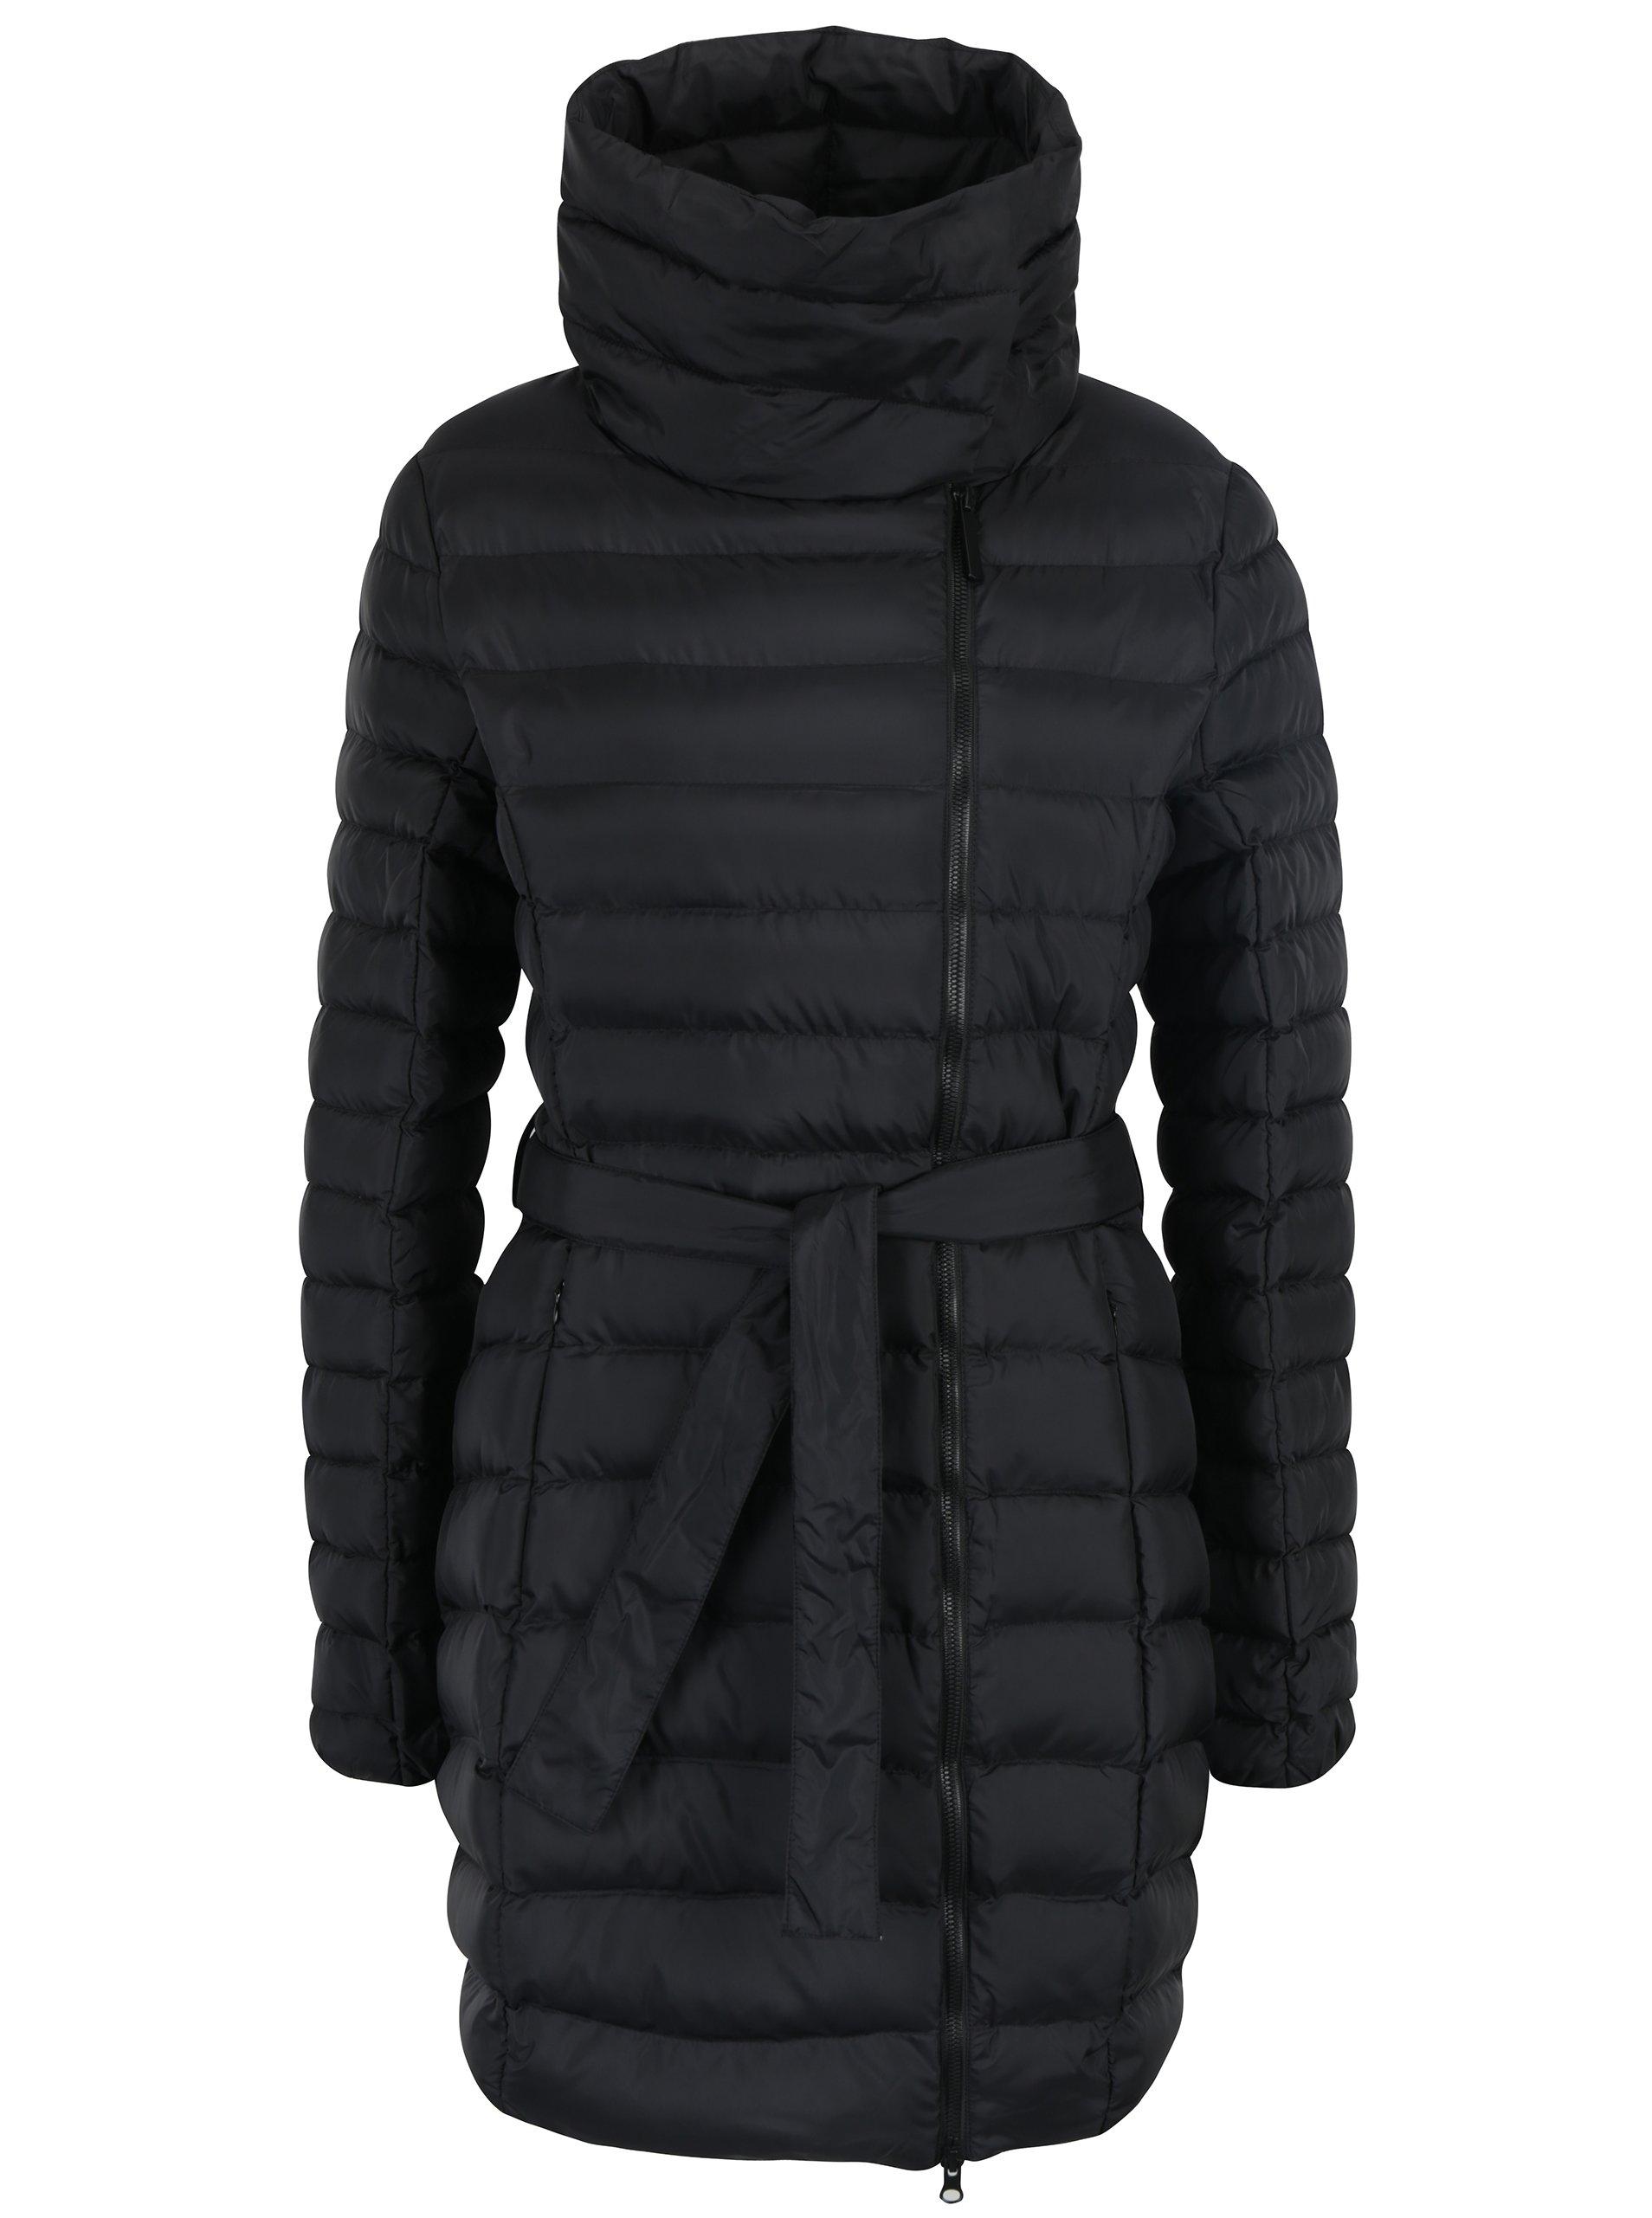 Černý voděodpudivý prošívaný dámský kabát LOAP Ikona